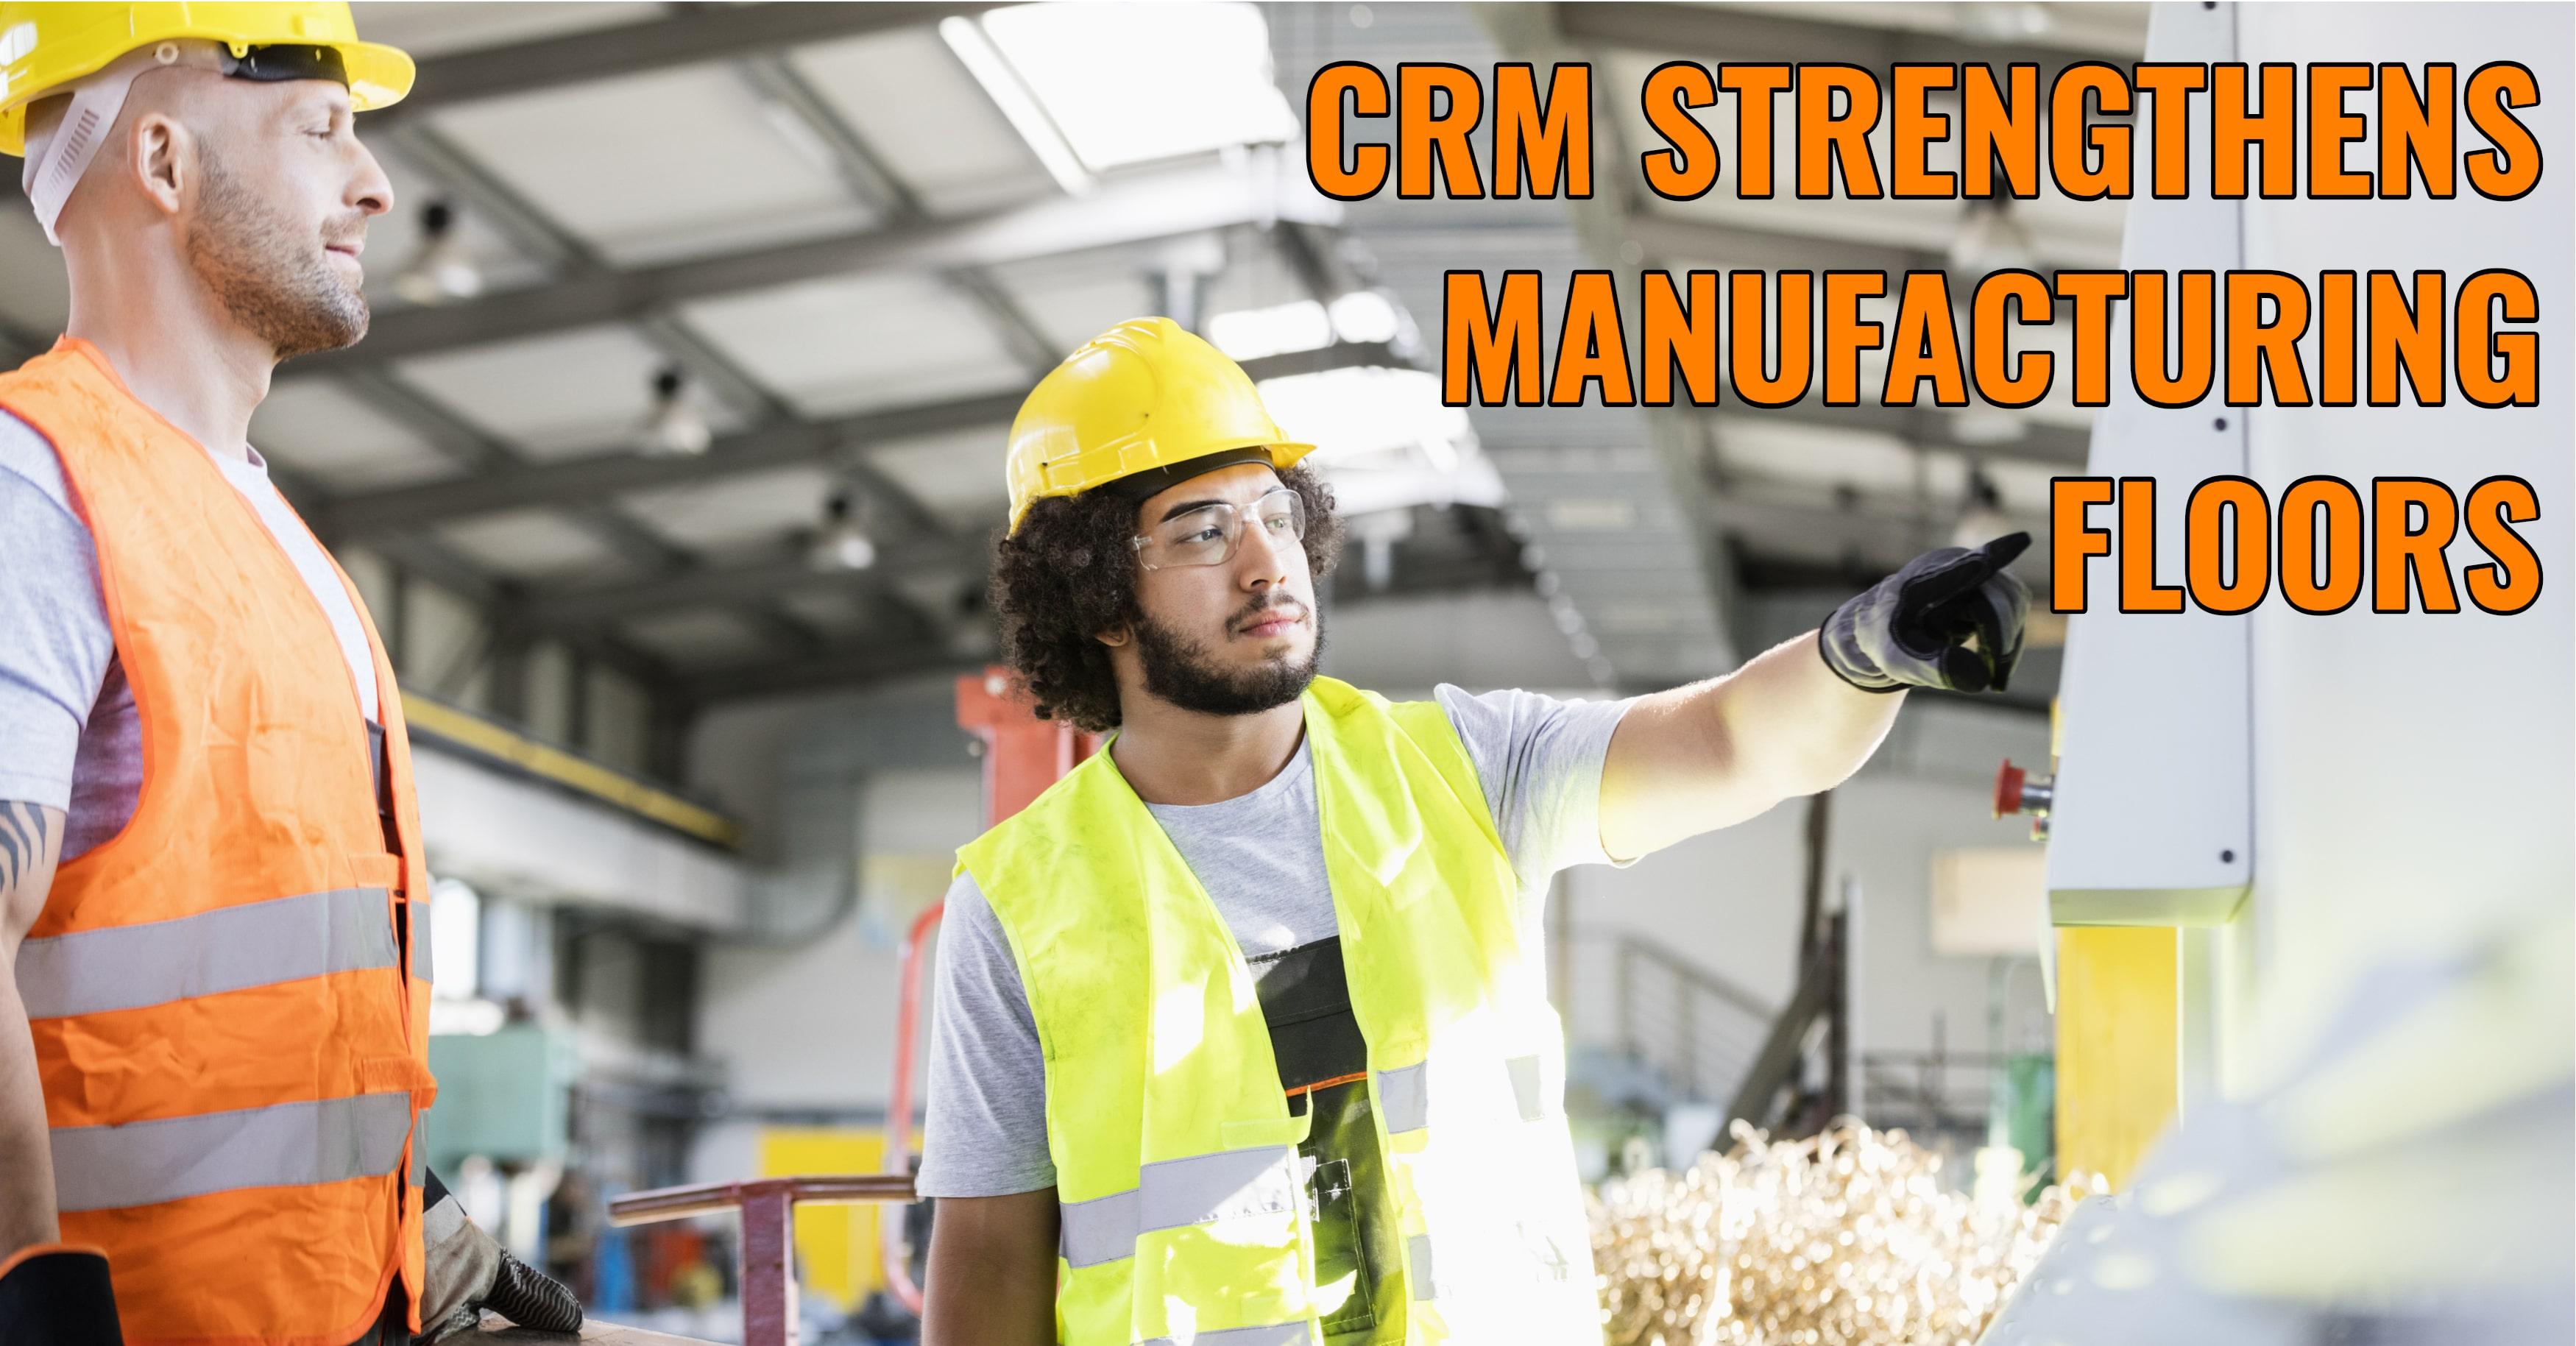 CRM Manufacturing Floor